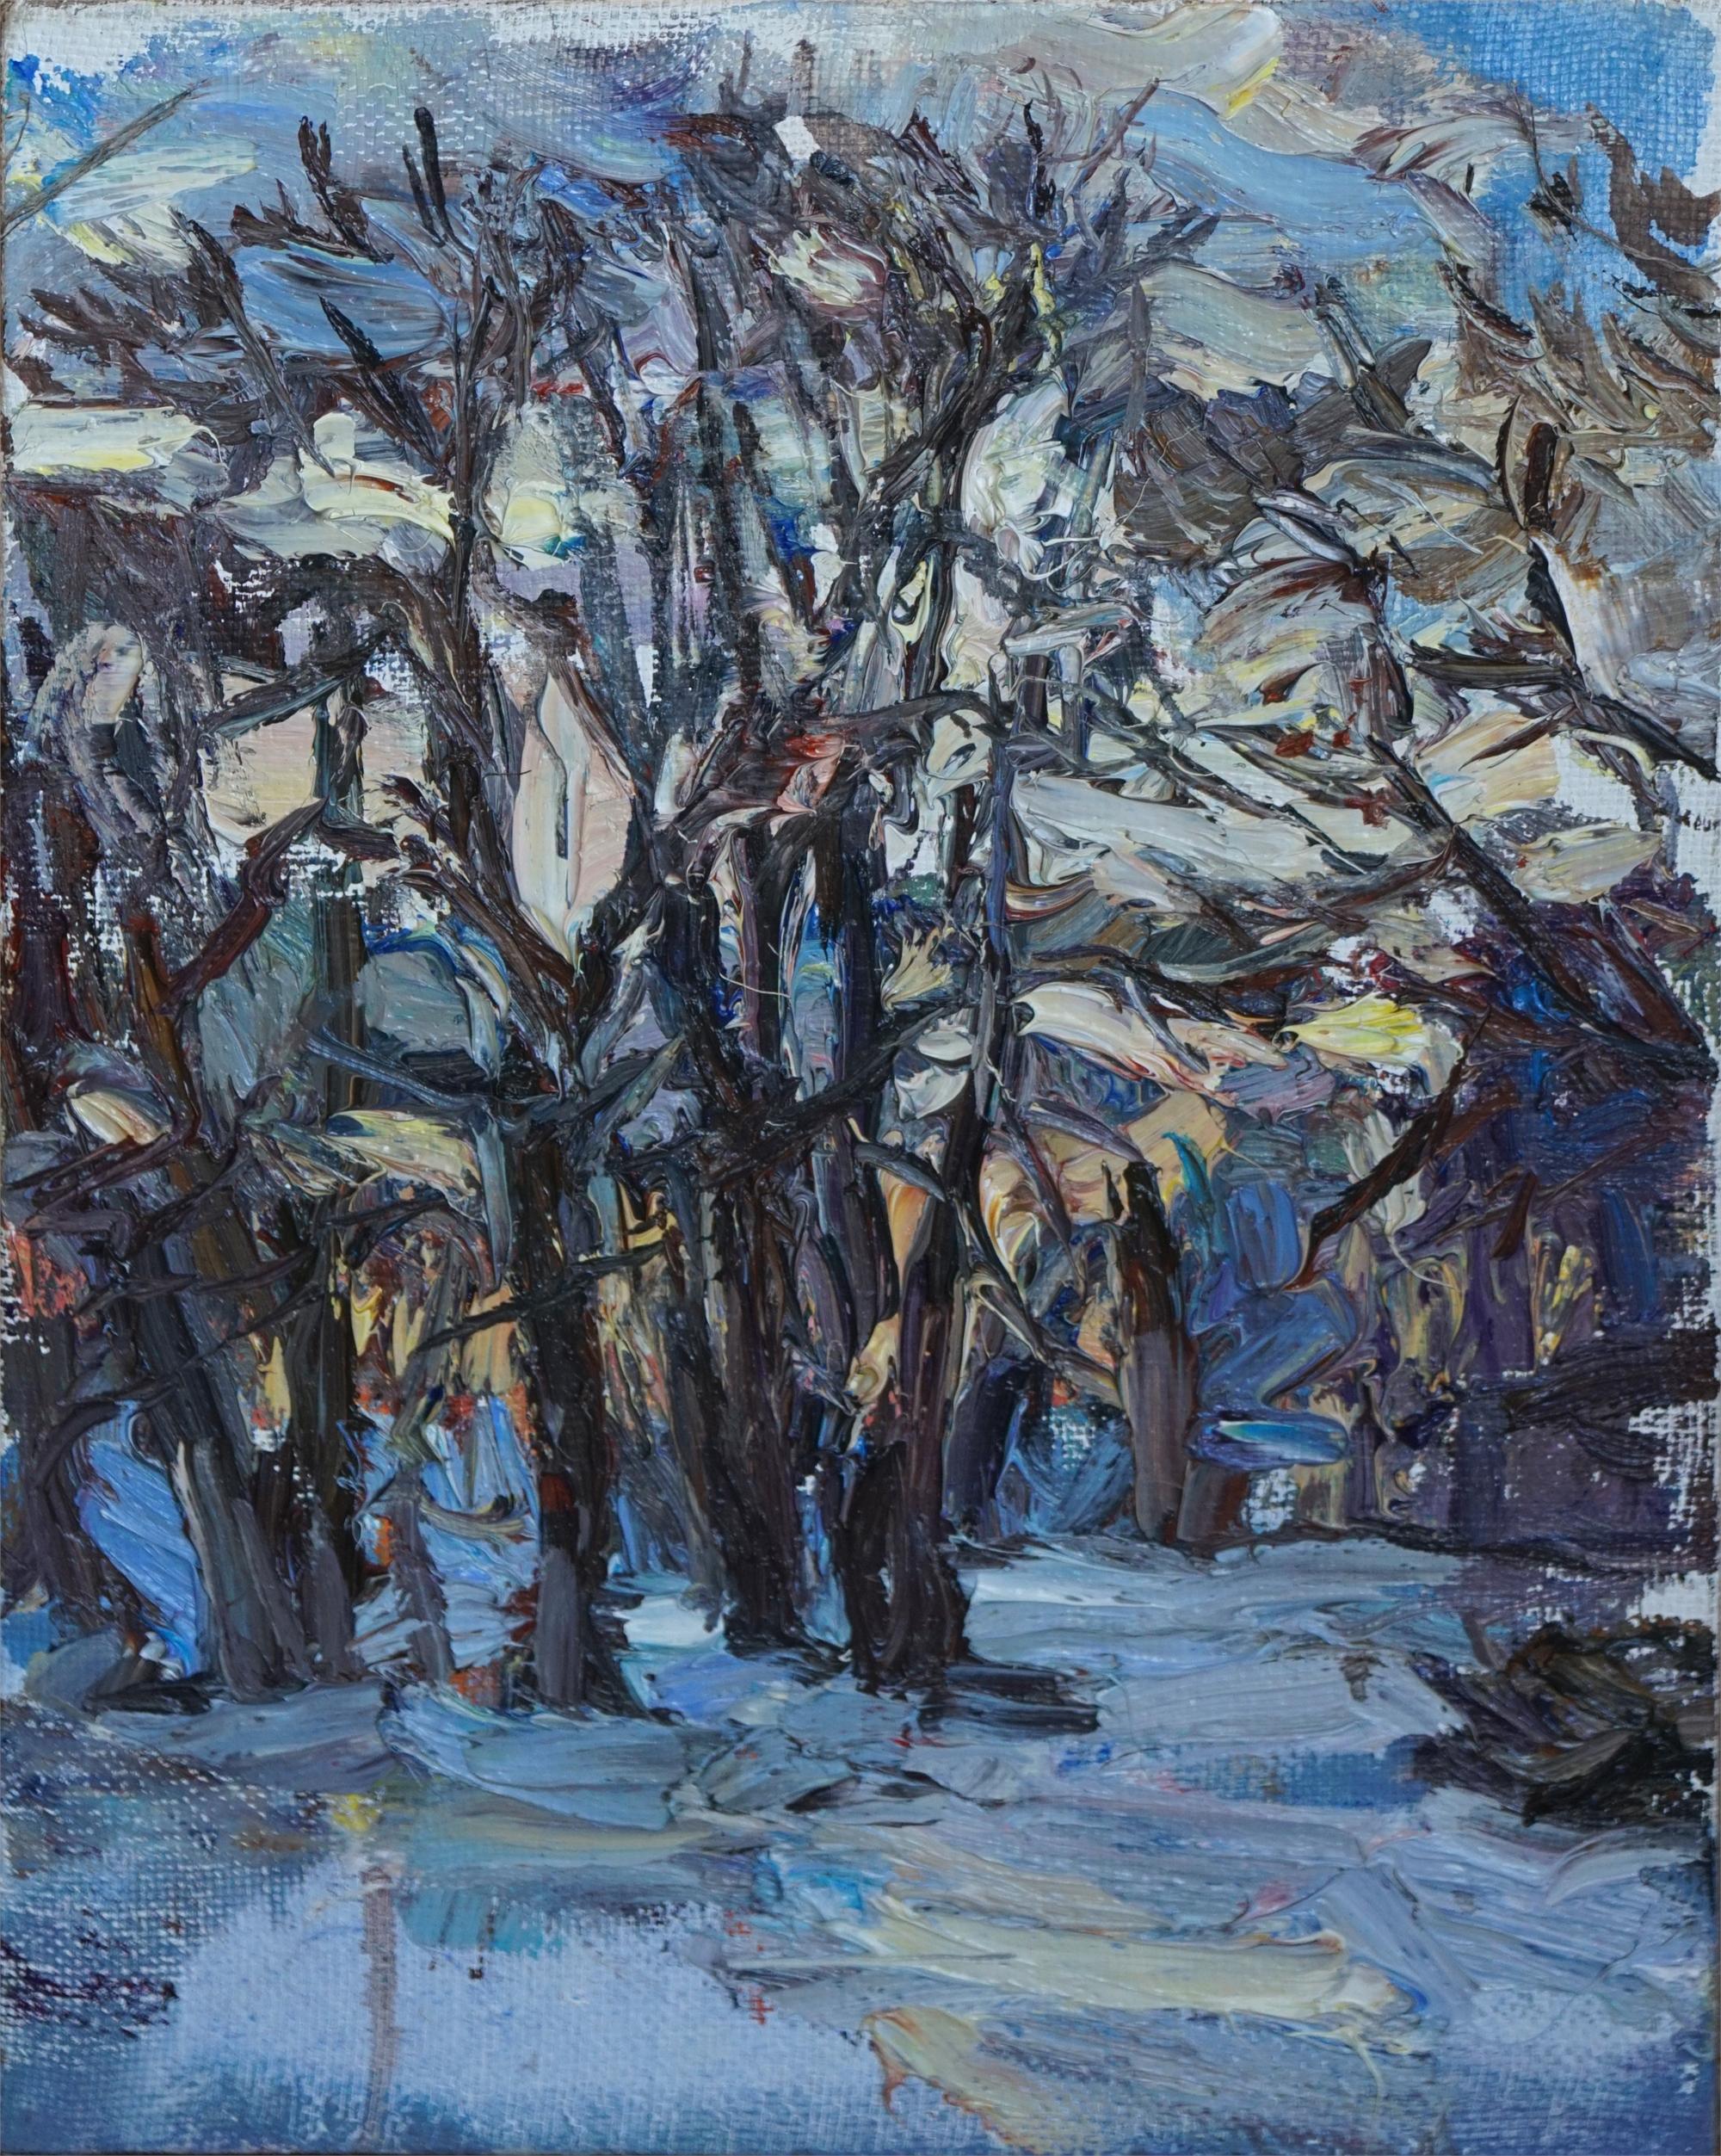 Winter Sunset by Ulrich Gleiter